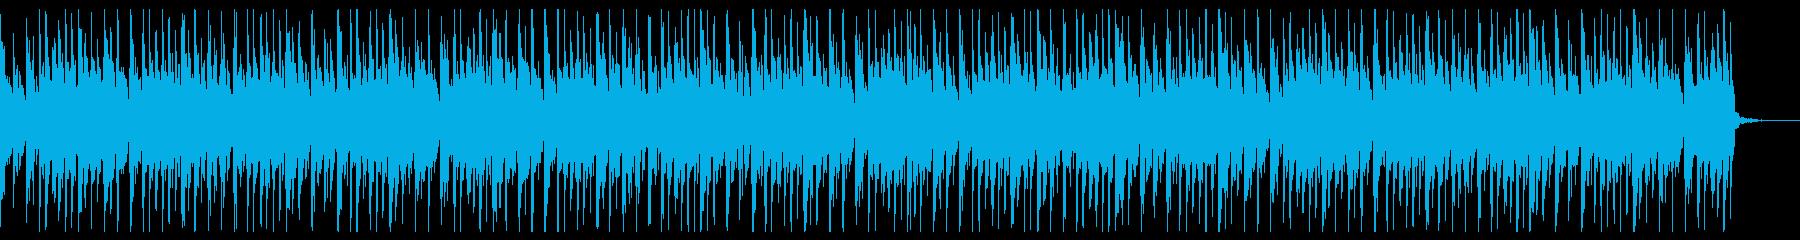 シンキングタイム 3の再生済みの波形